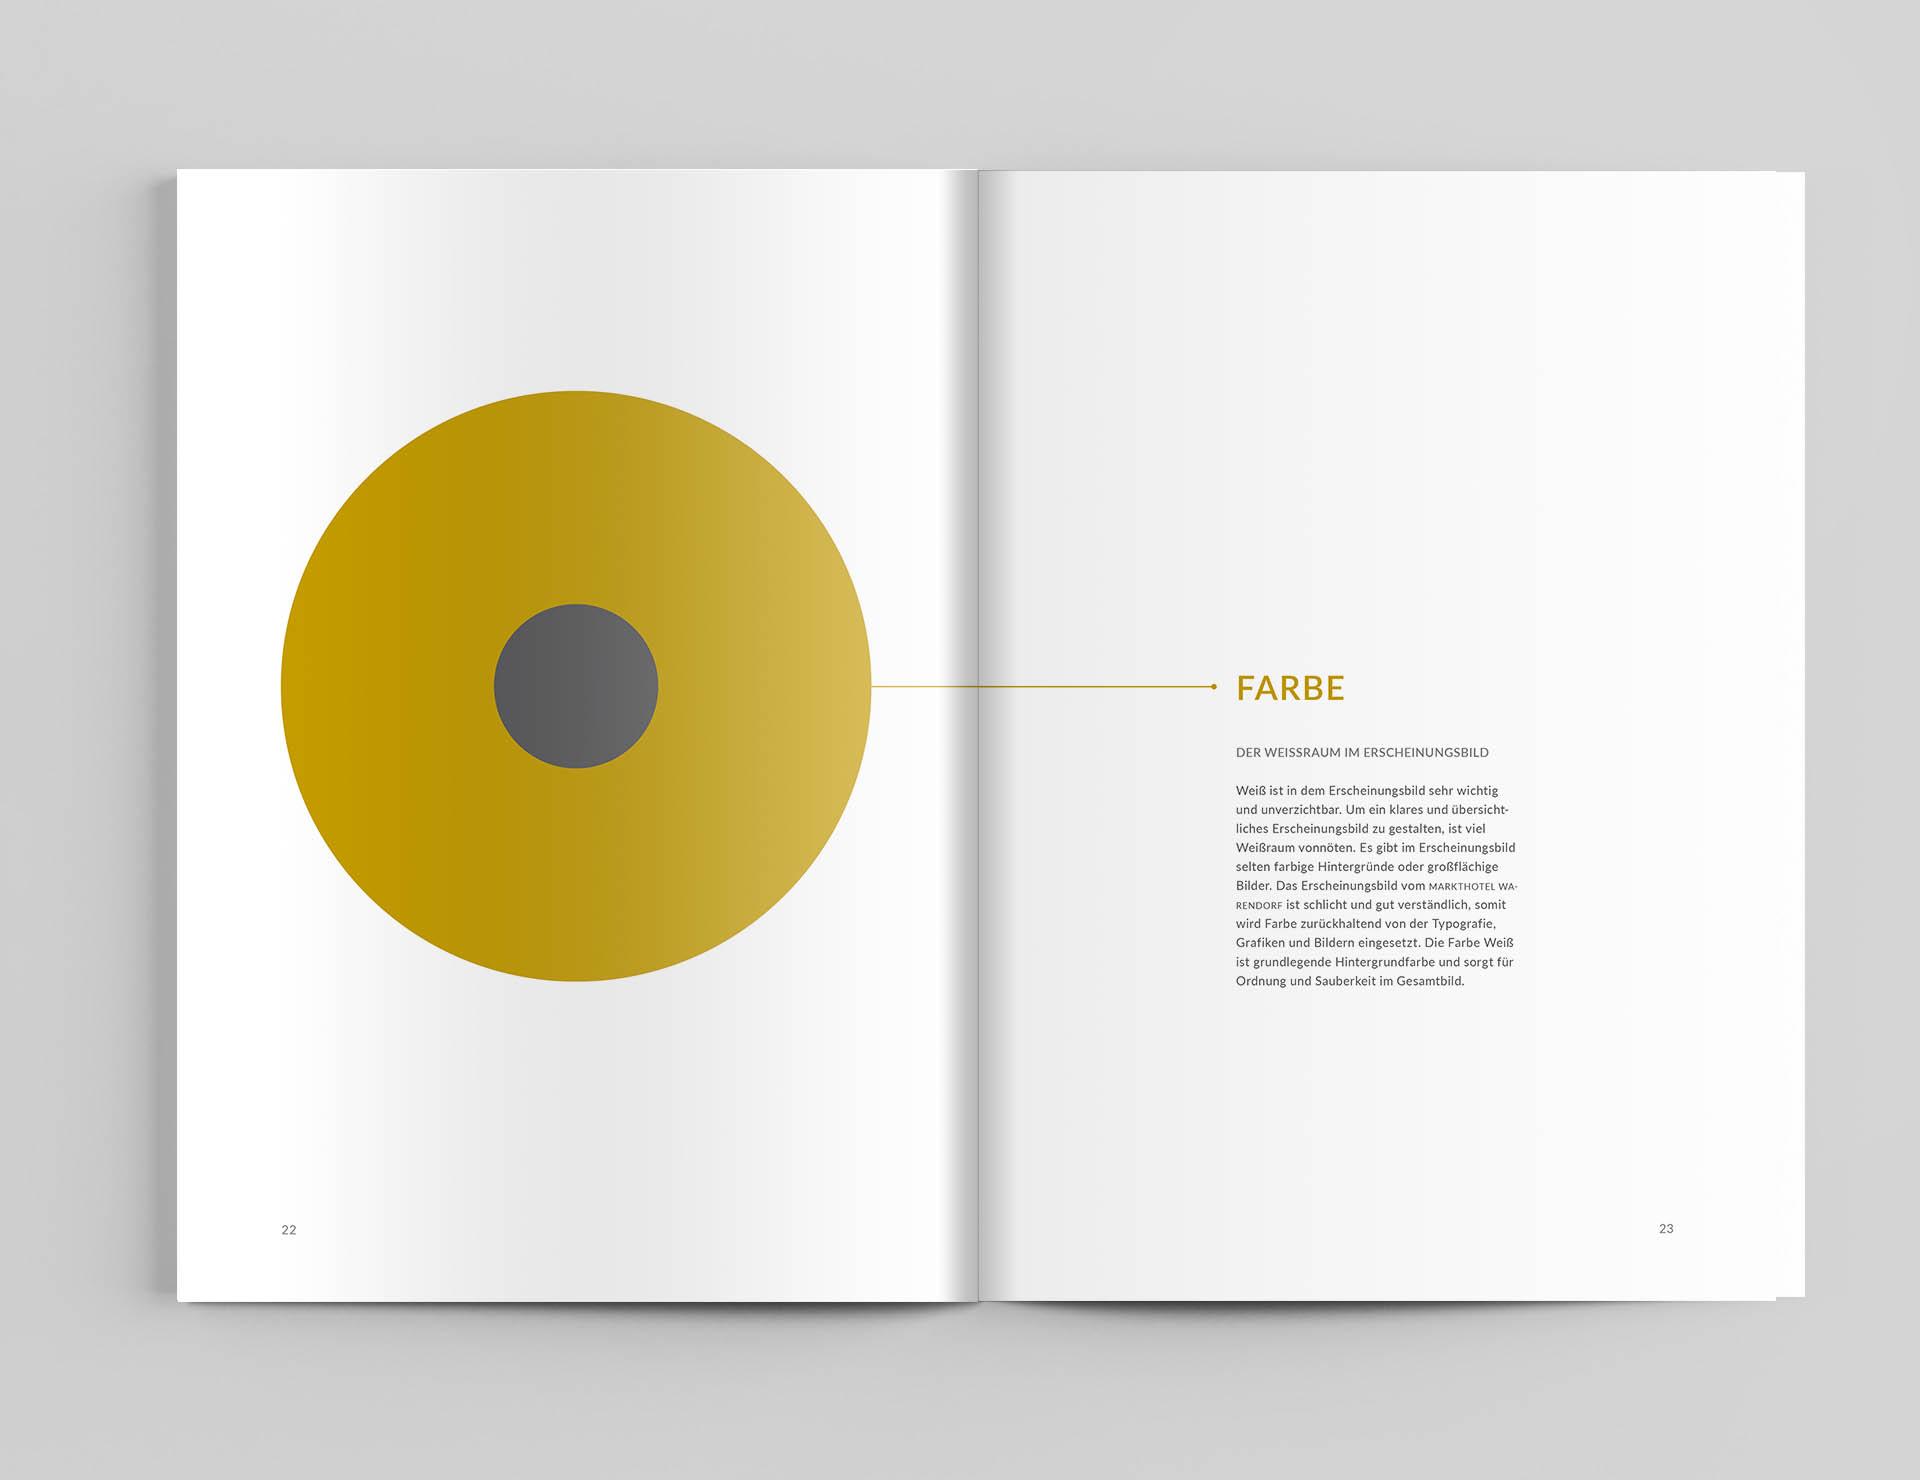 Corporate-Design, Website, Layout, Hotel, Warendorf, Logo, Bennet, Grüttner, Auckz